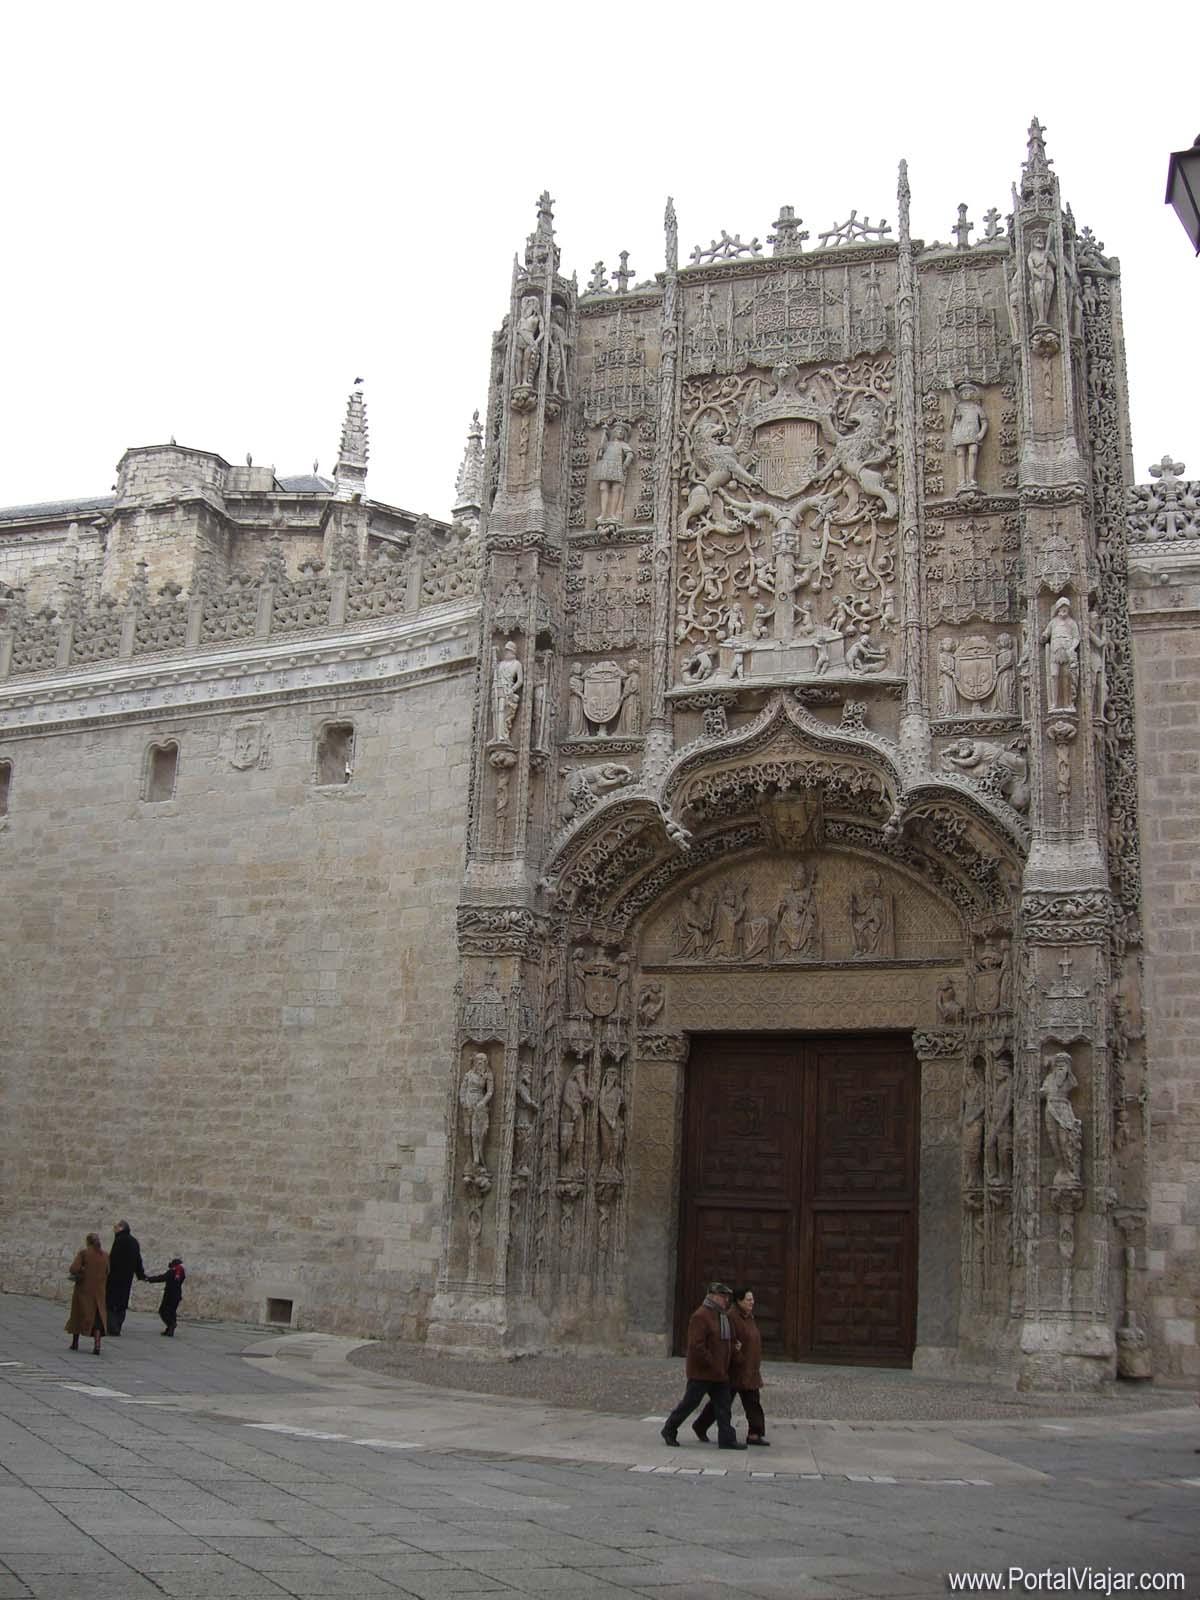 El blog de jocassan: Valladolid. Museos y edificios civiles. Museo Nacional d...